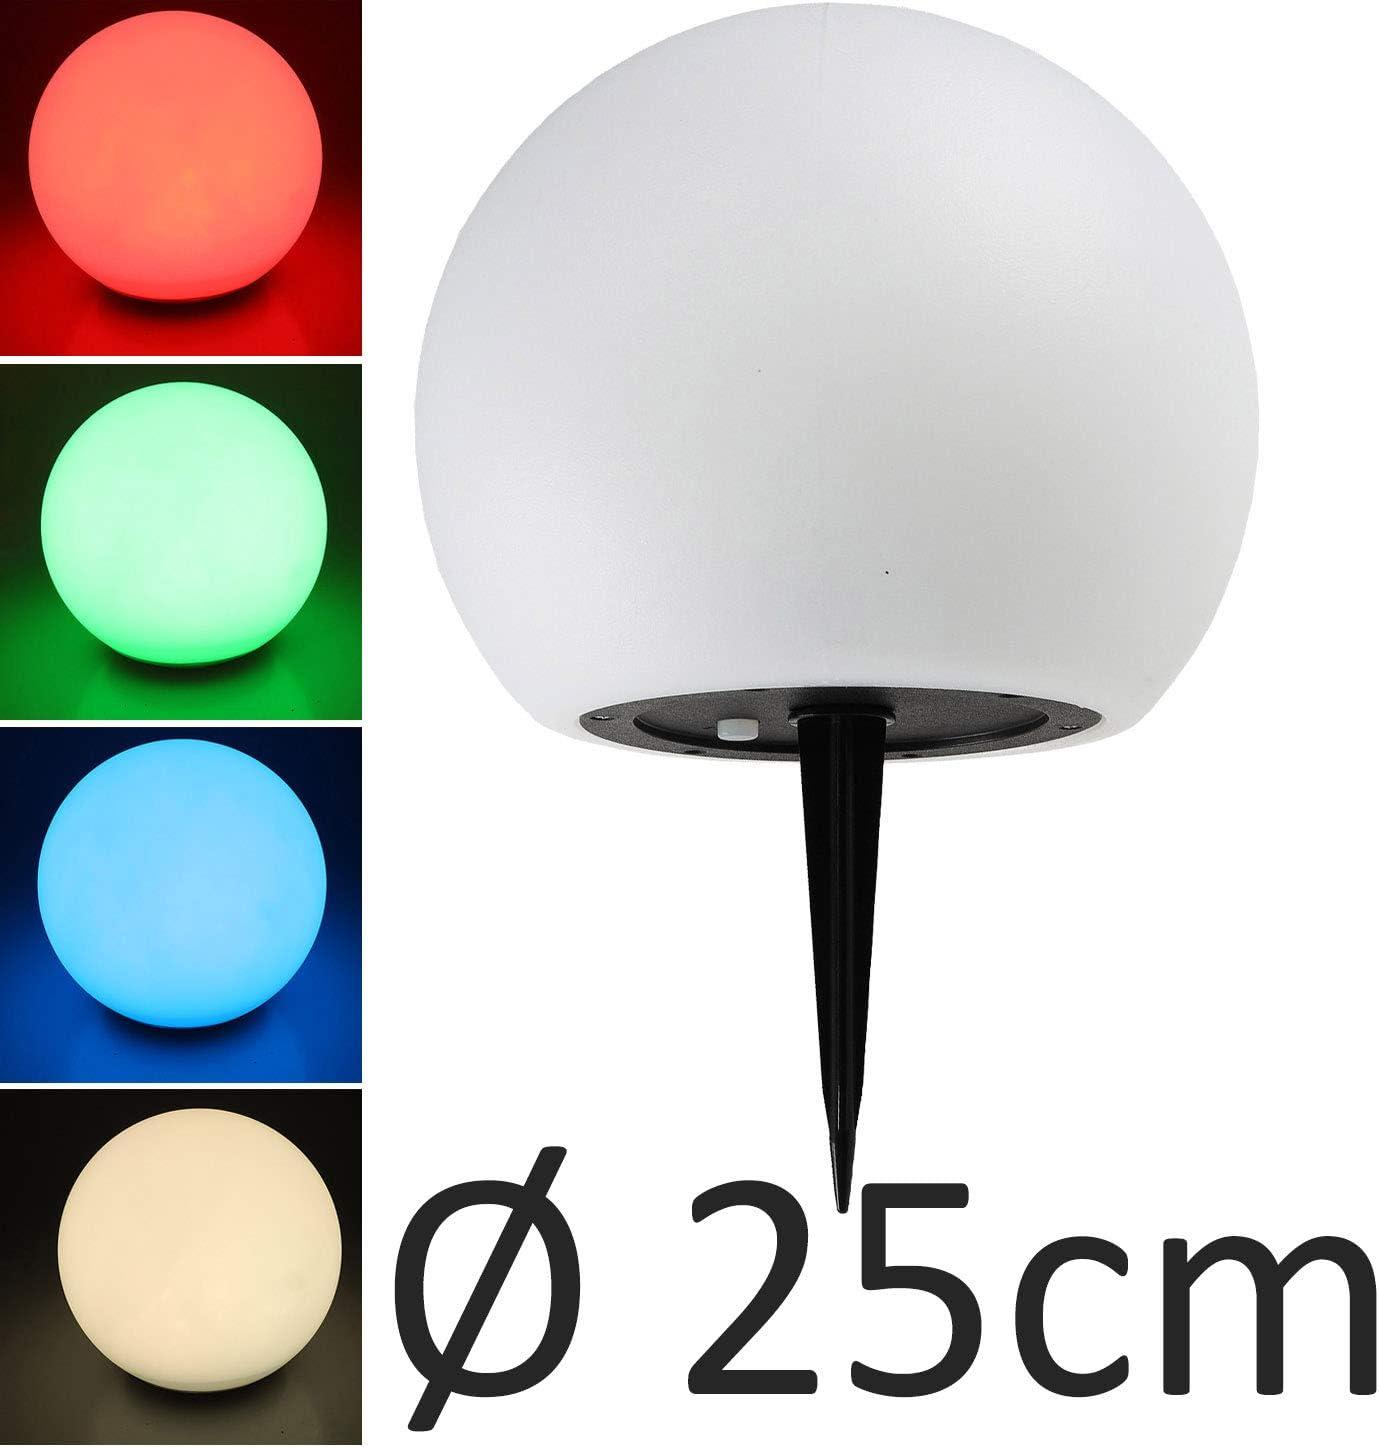 LED RGB carcasa de pl/ástico blanca luz blanca c/álida sensor crepuscular 7 colores ajustables L/ámpara solar esf/érica de 25 cm IP44 con estaca resistente a la intemperie